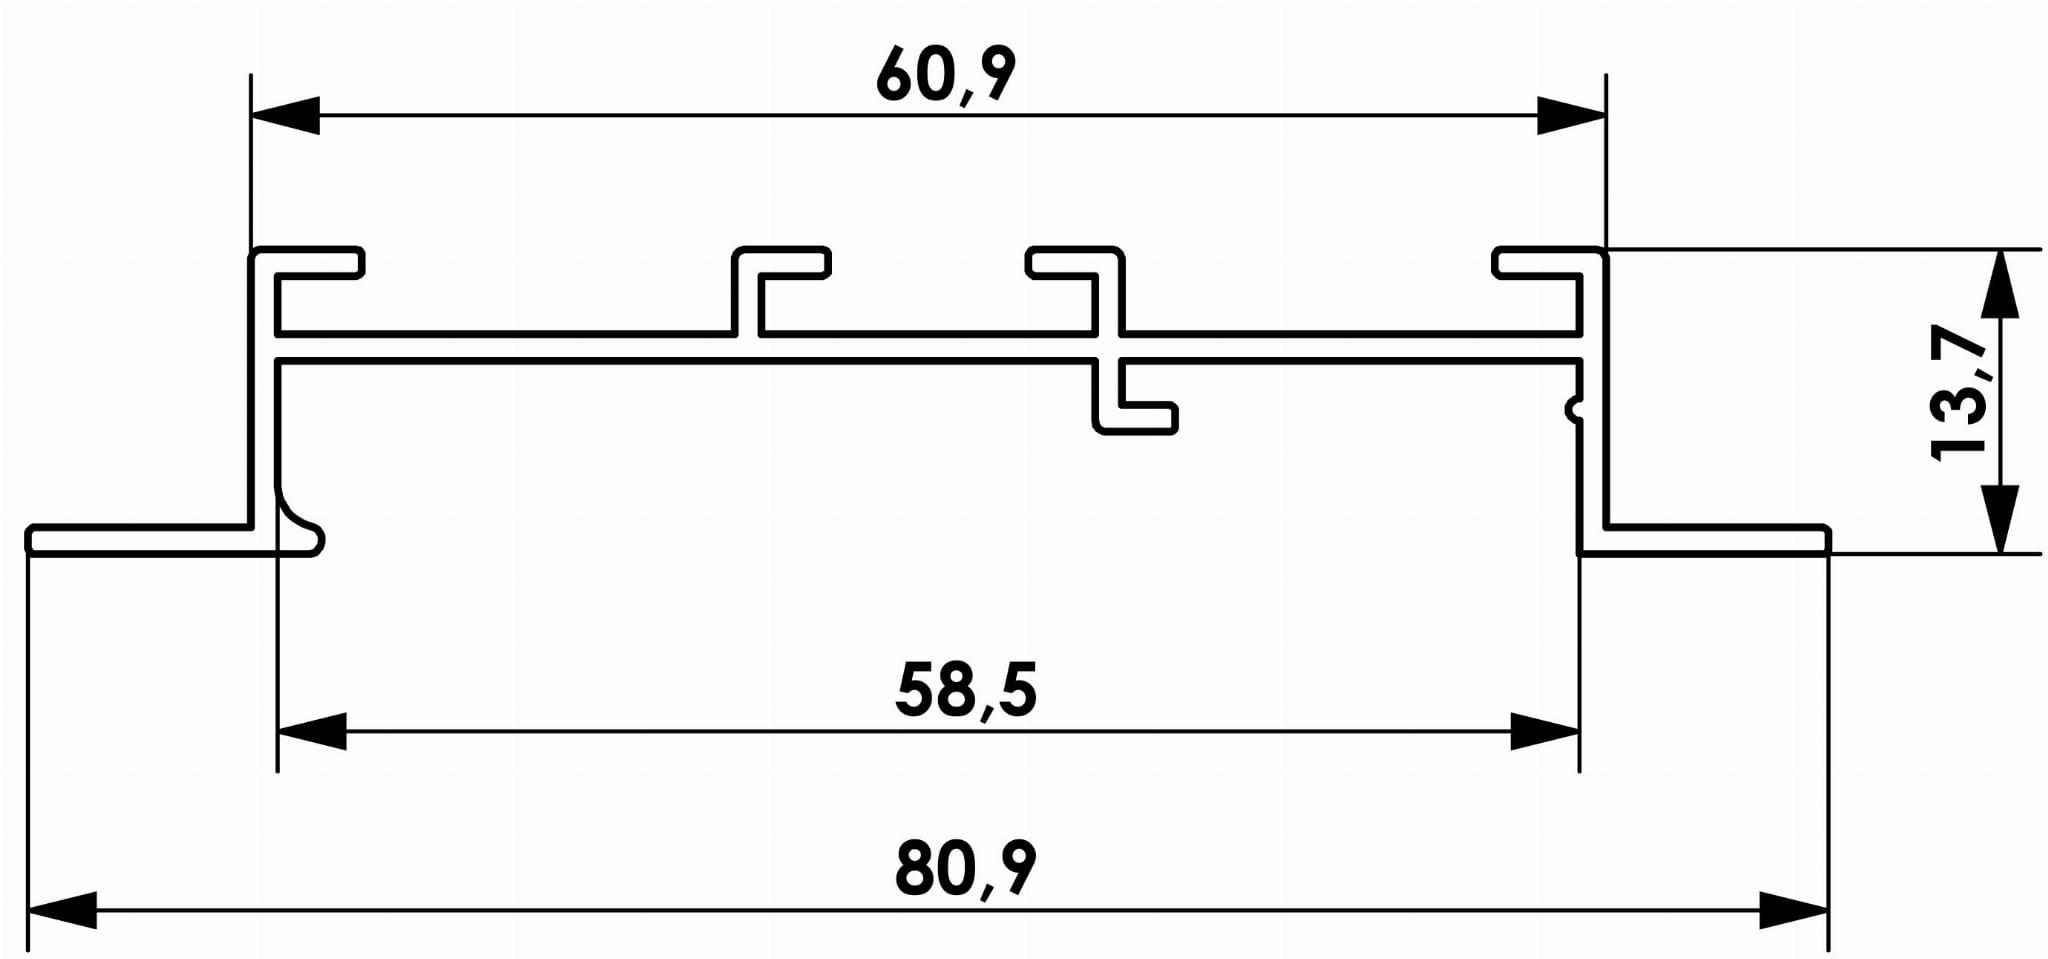 Przekrój rynienki dla szyny sufitowej dwutorowej